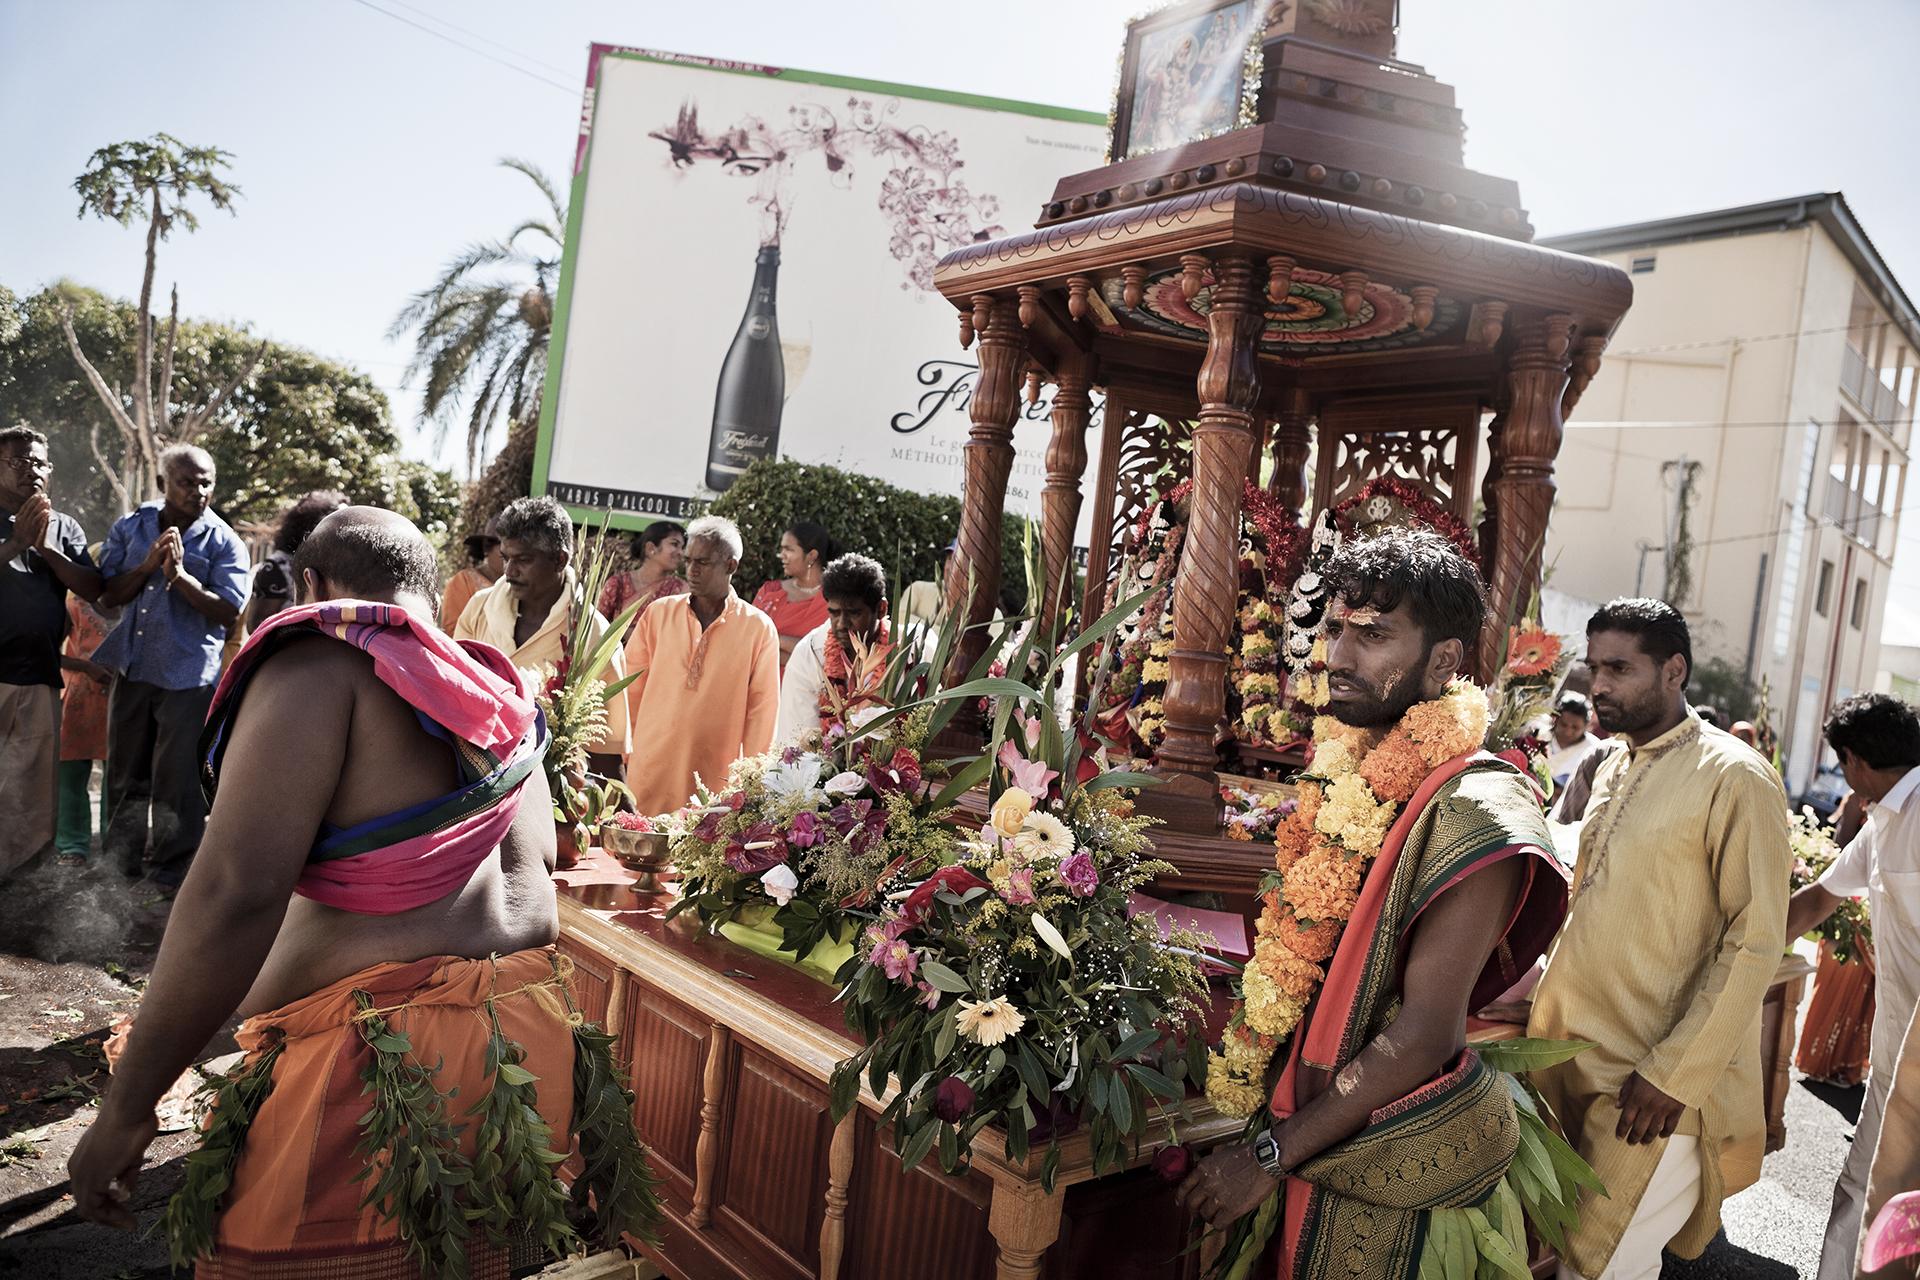 Dans les rues de Saint-Pierre. La cérémonie en l'honneur de Karly commence par des prières rythmées aux sons des tambours et des cloches, une célébration colorée et chargée en rituels comme le veut la liturgie Malbare. Après une longue marche à la mer pour laver la statuette, elle est ramenée au temple pour y être purifiée.